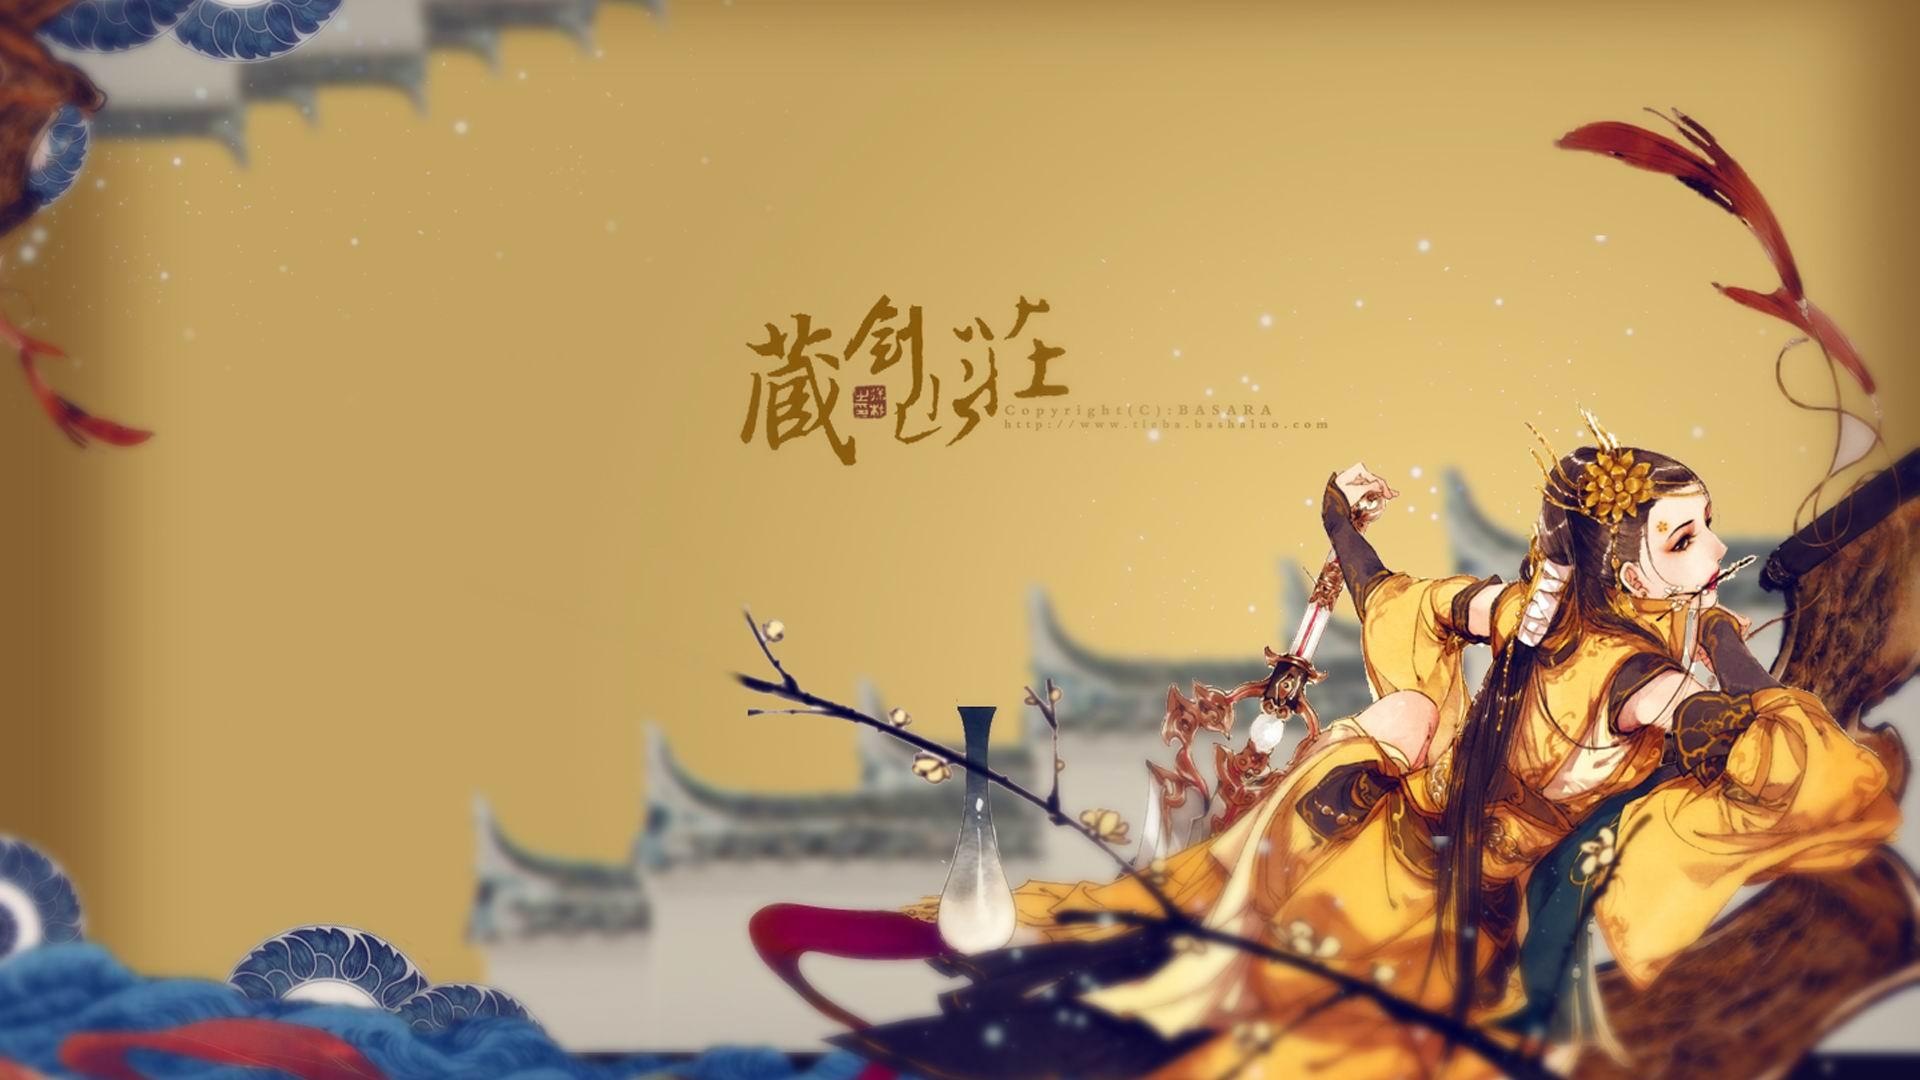 超高清古风手机壁纸 古风人物壁纸手机壁纸 中国风